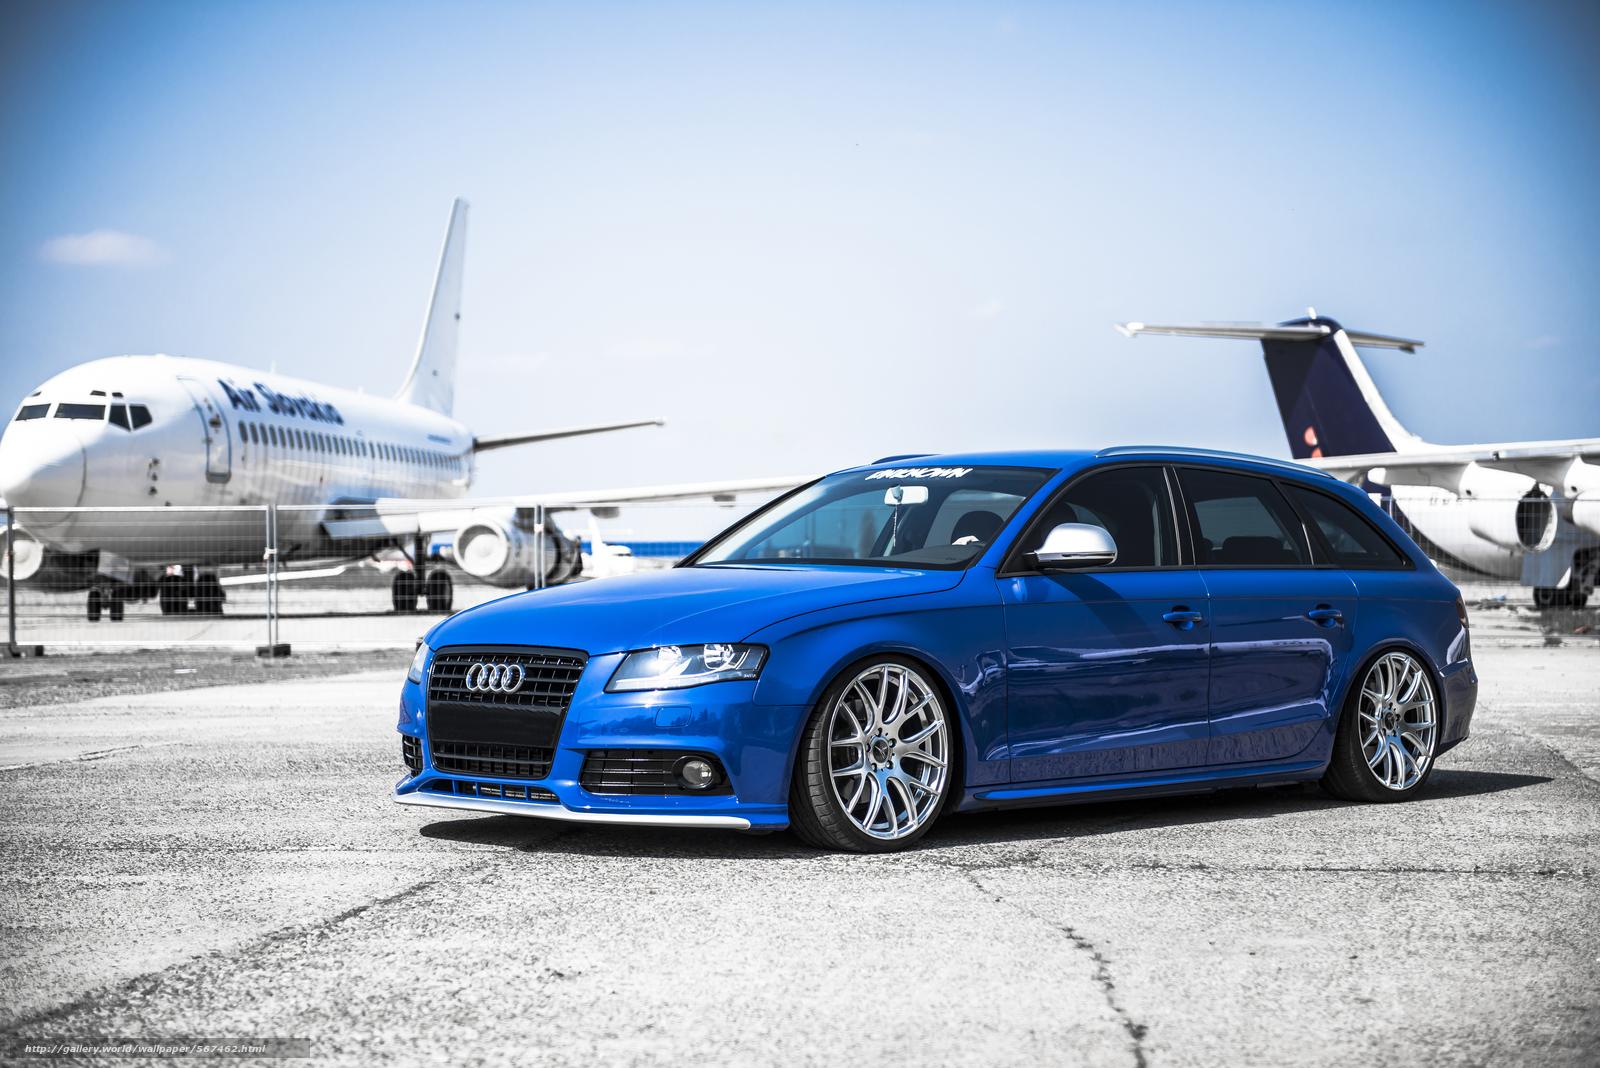 Скачать обои Самолеты,  Ауди,  Аэропорт,  Audi бесплатно для рабочего стола в разрешении 7360x4912 — картинка №567462